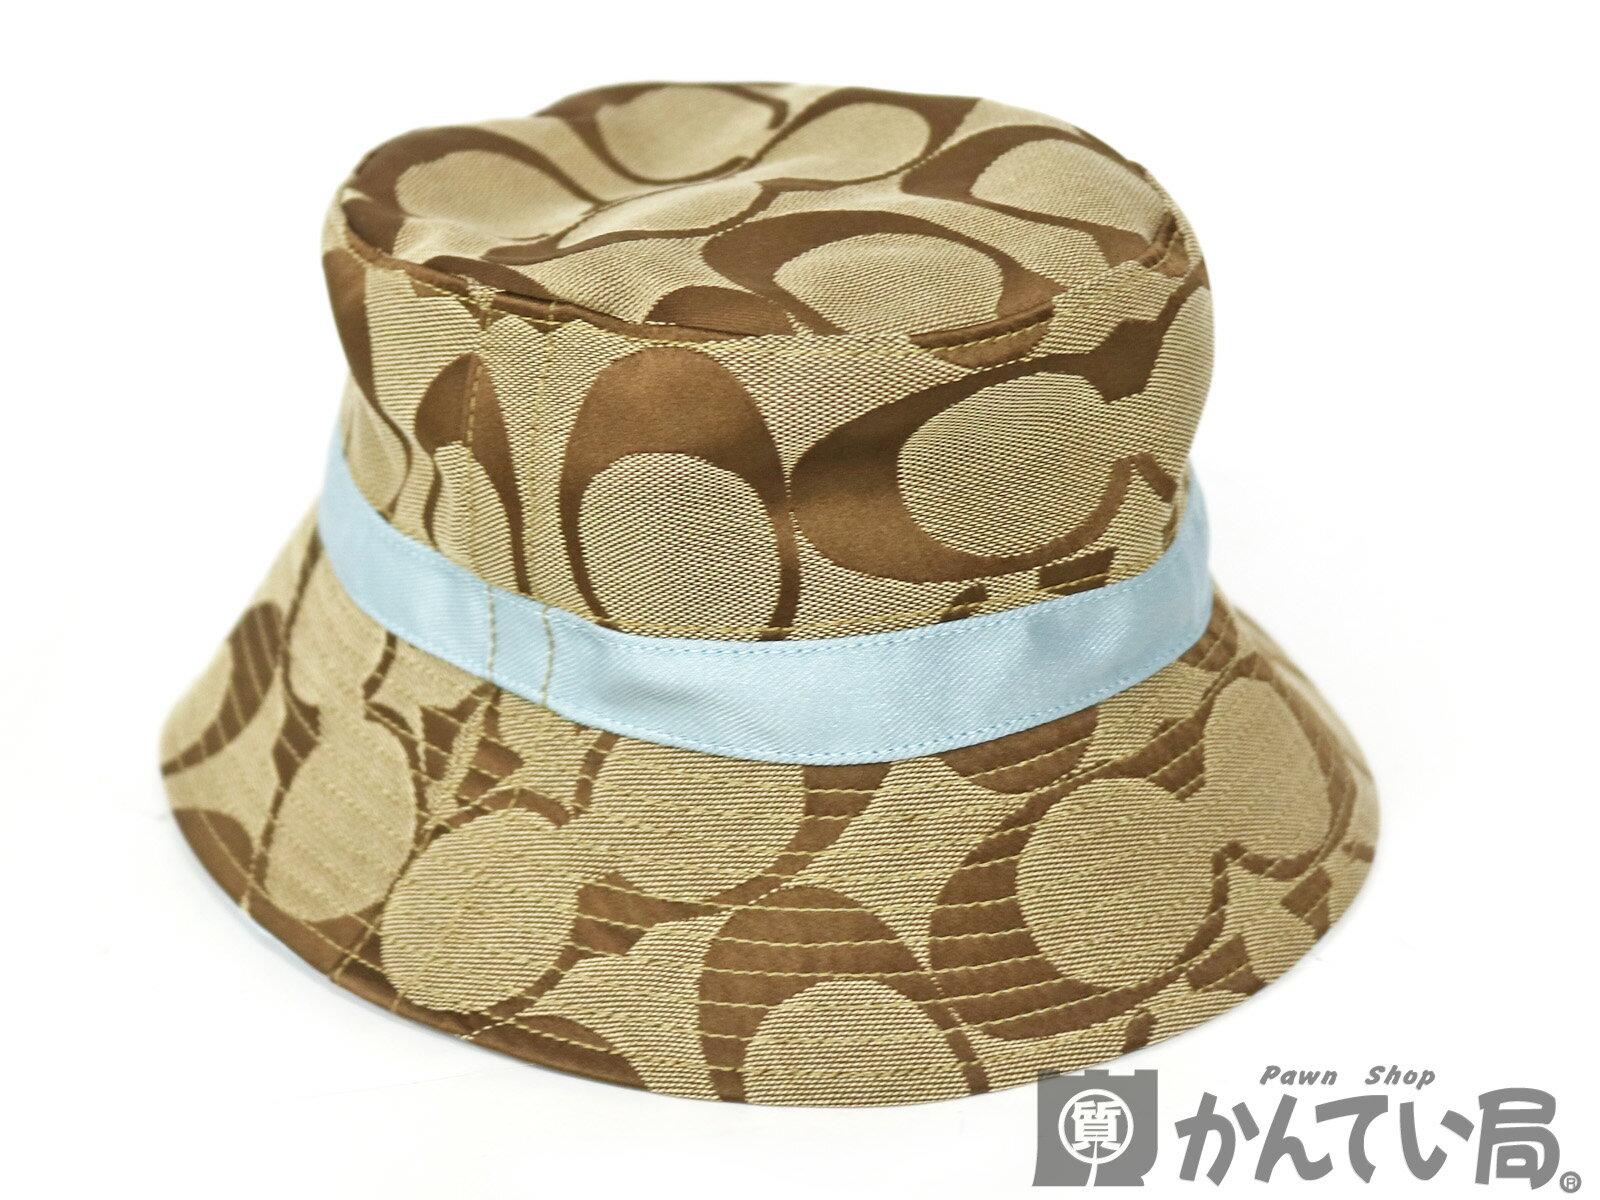 COACH 【コーチ】 ハット P/S シグネチャー ベージュ 水色 帽子 レディース メンズ 【中古】 USED-B かんてい局小牧店 c16-7205